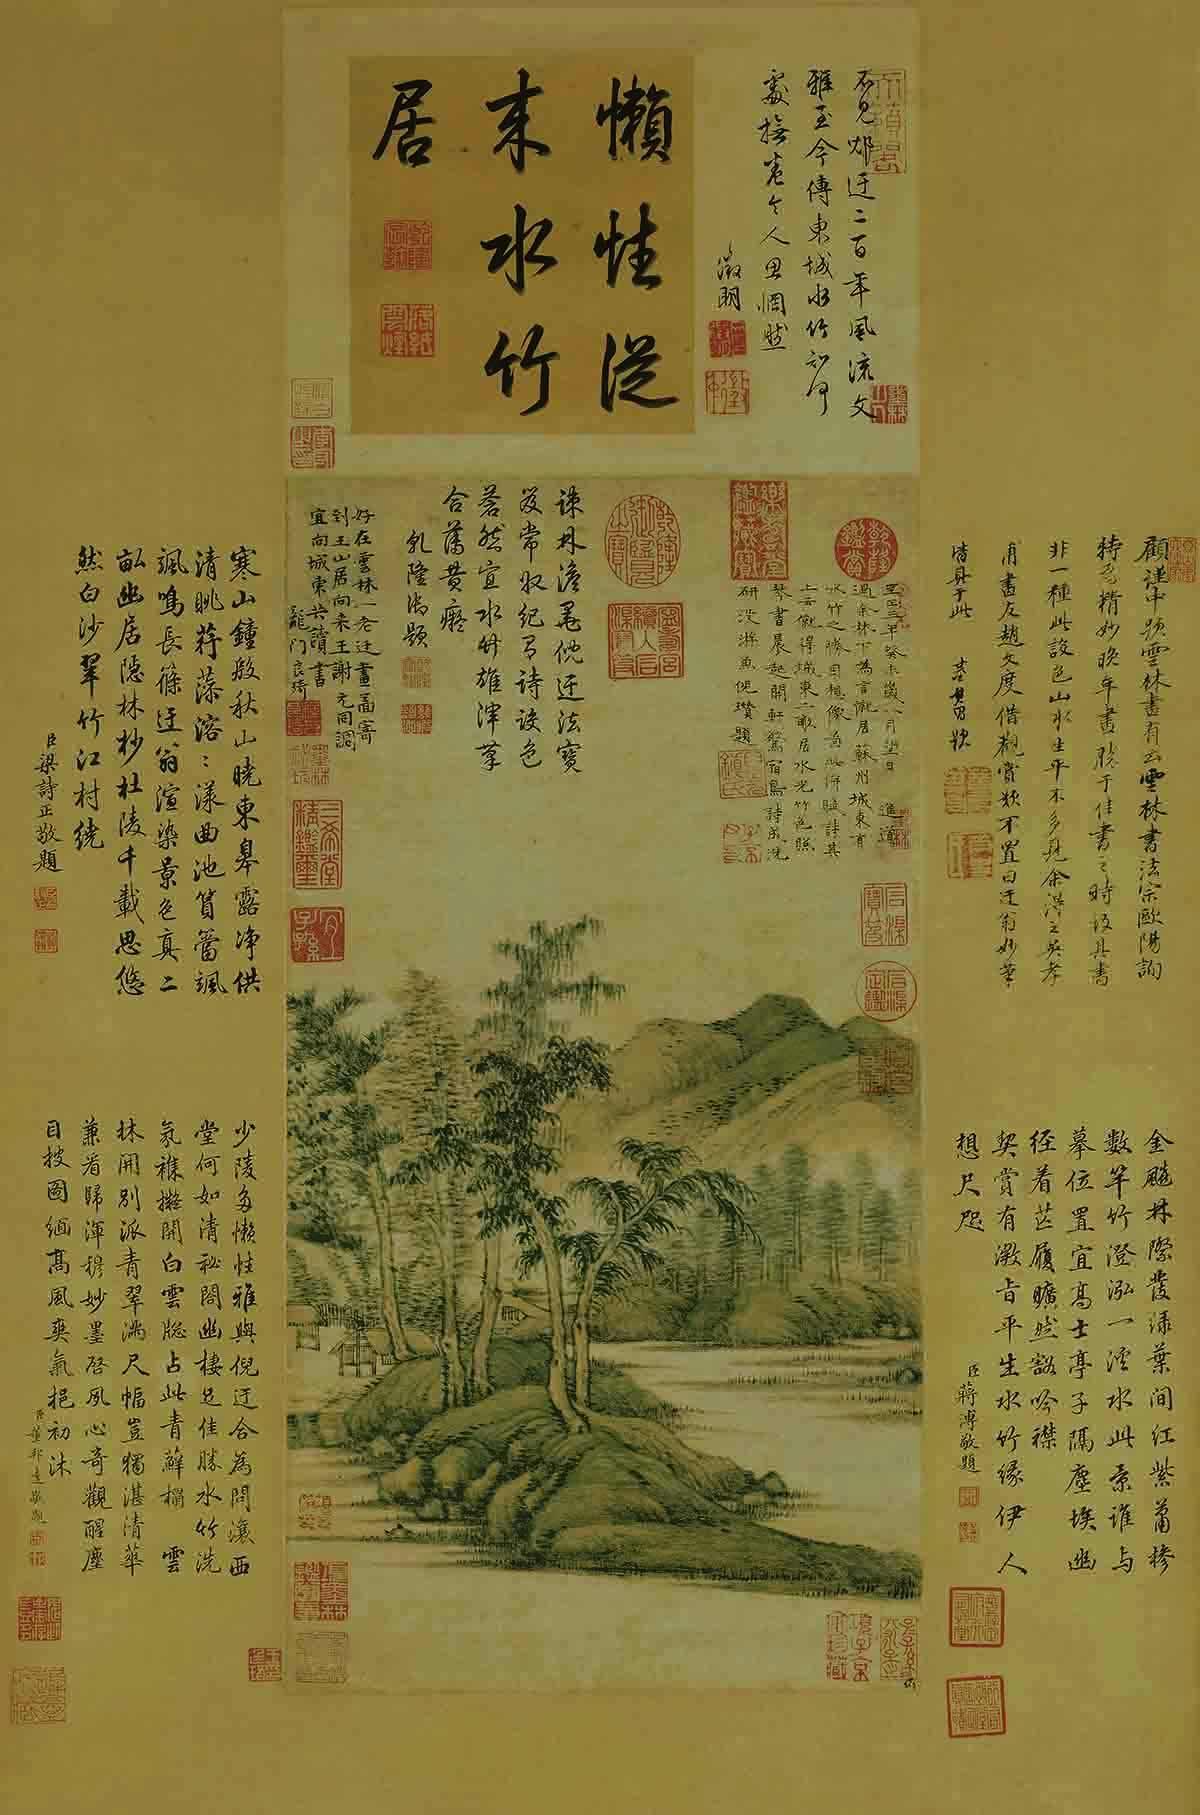 元 倪瓒 水竹居图(轴)纸本55.5+x28.2